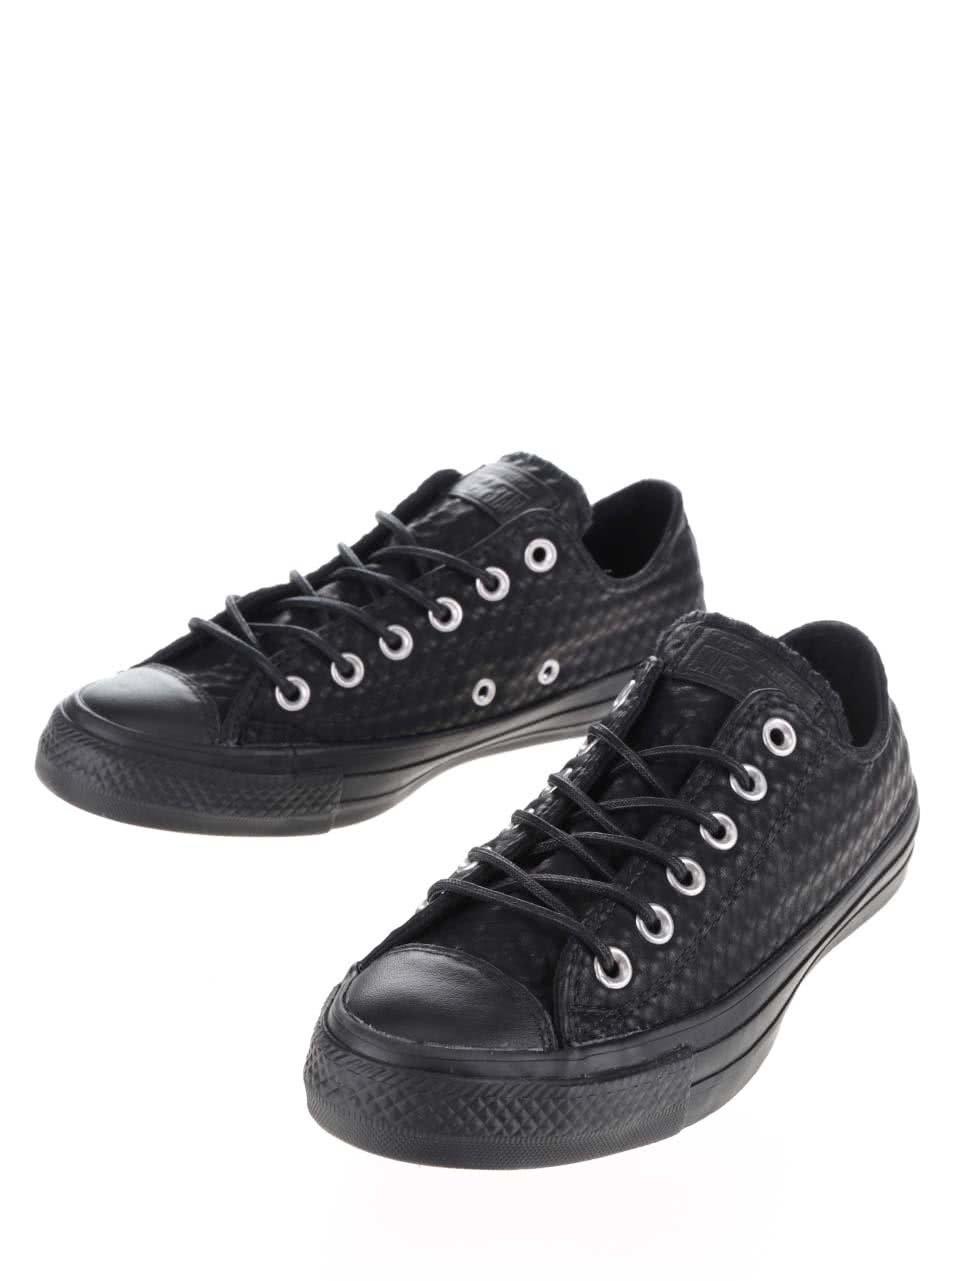 Černé unisex kožené tenisky Converse Chuck Taylor All Star ... 4ac3a64b433